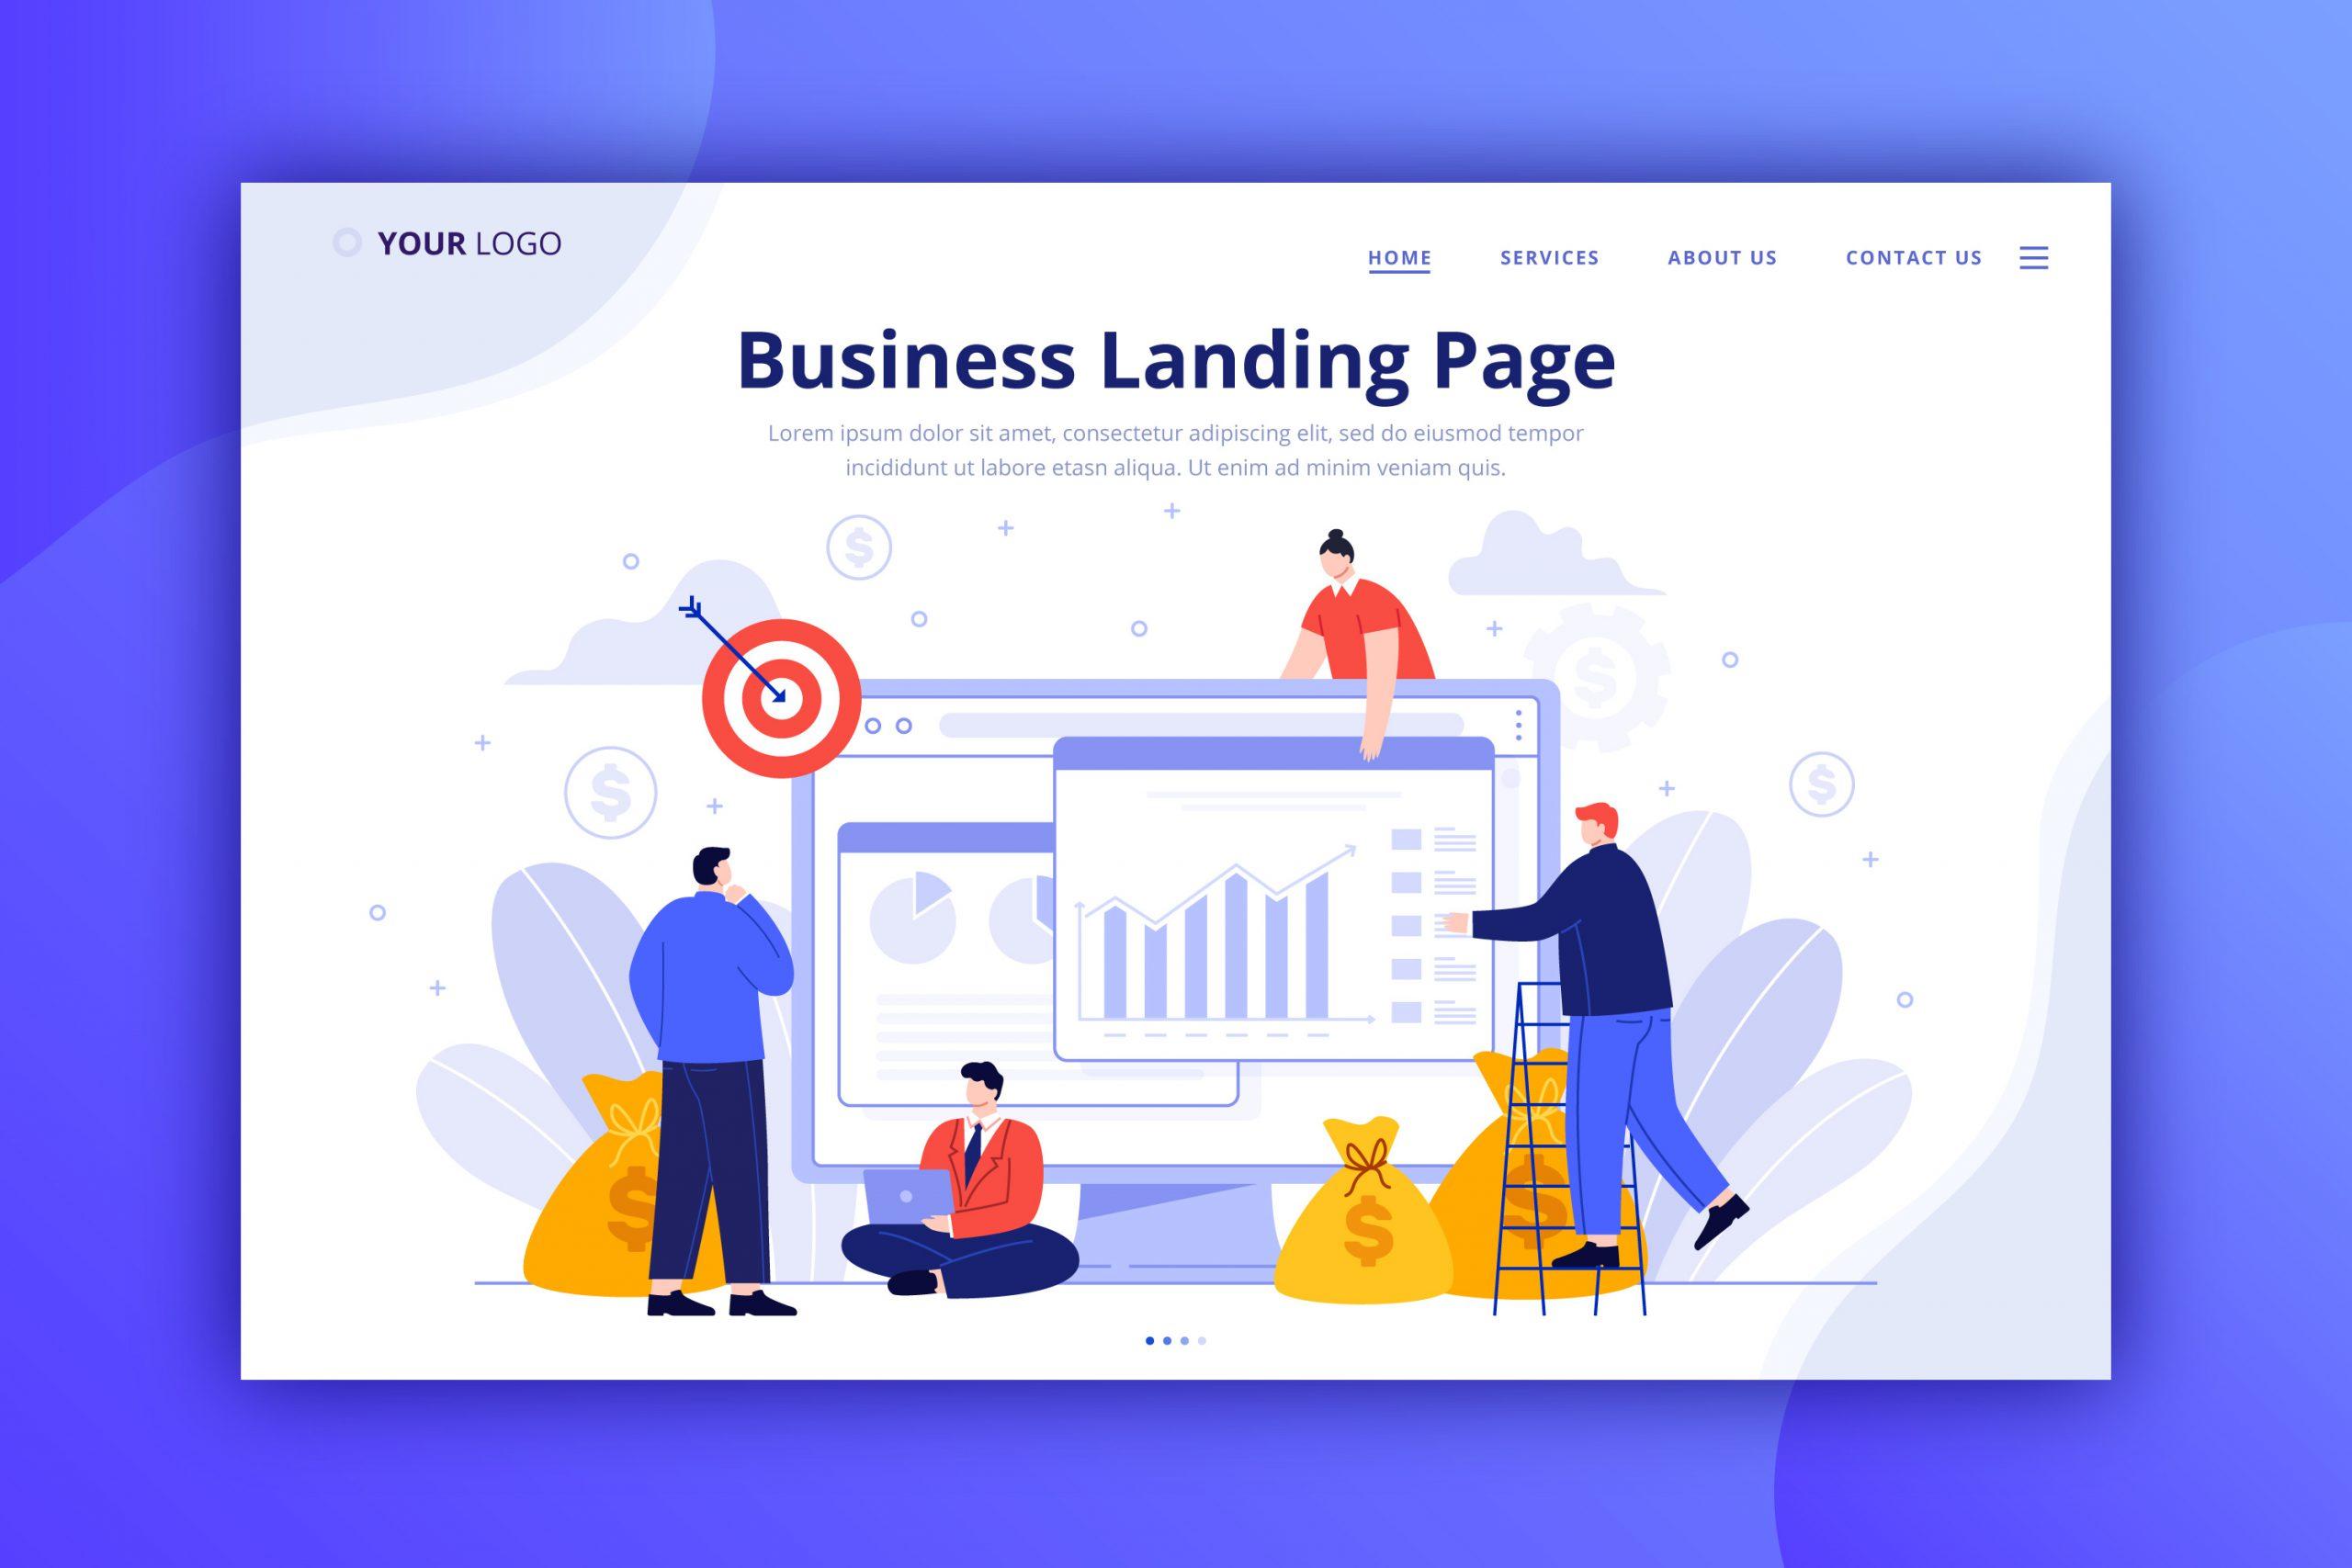 ทำเว็บไซต์ landing page ทำเว็บไซต์ one page ทำเว็บไซต์หน้าเดียว